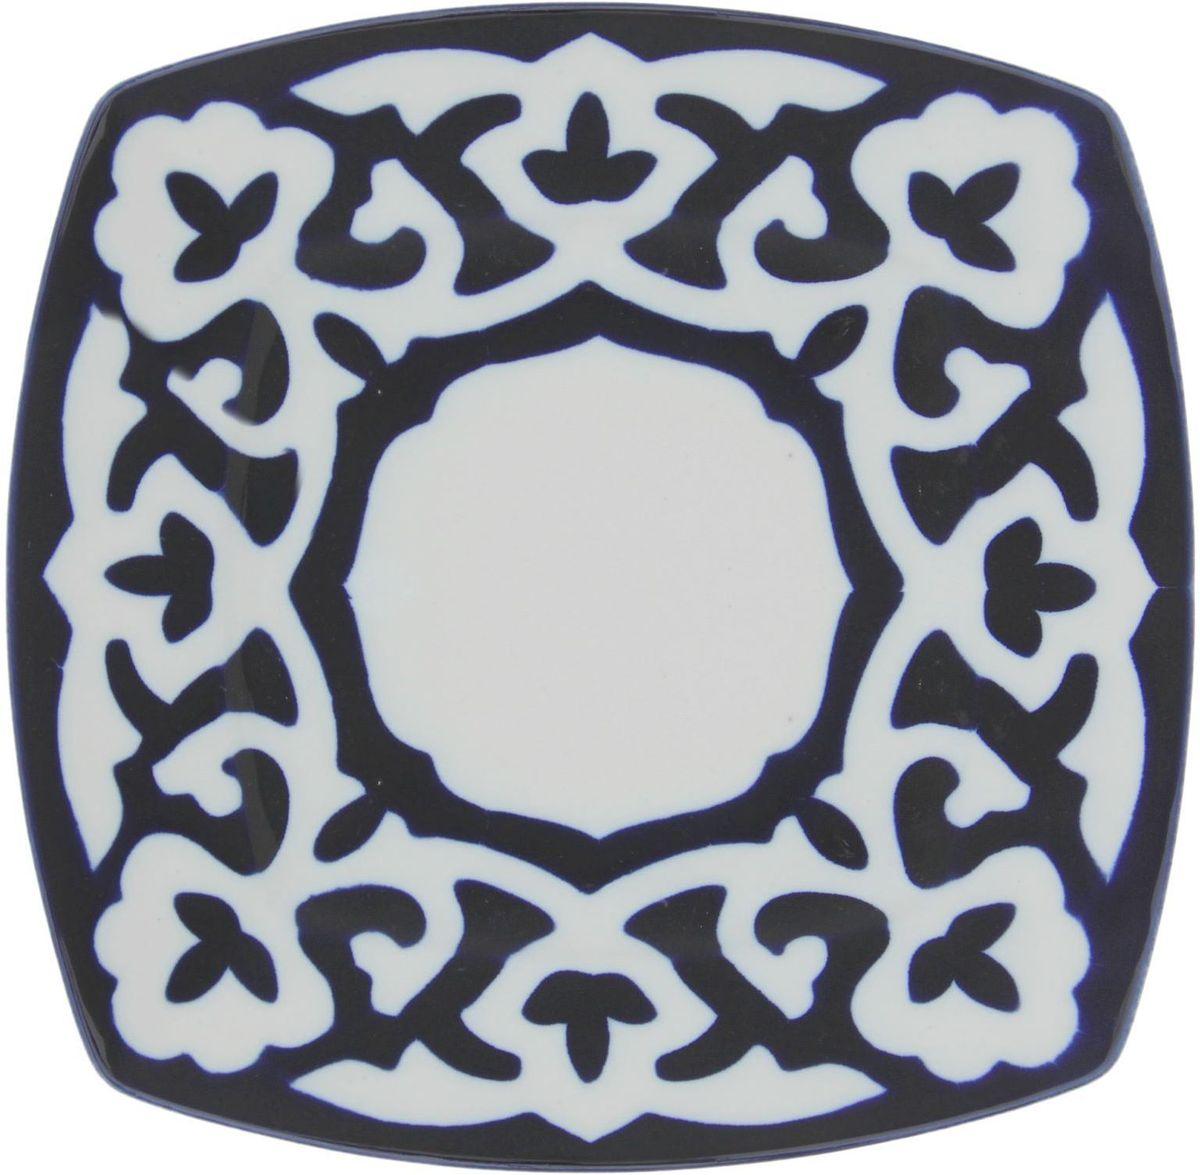 Тарелка Turon Porcelain Пахта, цвет: синий, белый, 20 х 20 см1386466Узбекская посуда известна всему миру уже более тысячи лет. Ей любовались царские особы, на ней подавали еду для шейхов и знатных персон. Формулы красок и глазури передаются из поколения в поколение. По сей день качественные расписные изделия продолжают восхищать совершенством и завораживающей красотой.Данный предмет подойдёт для повседневной и праздничной сервировки. Дополните стол текстилем и салфетками в тон, чтобы получить элегантное убранство с яркими акцентами.Национальная узбекская роспись «Пахта» сдержанна и благородна. Витиеватые узоры выводятся тонкой кистью, а фон заливается кобальтом. Синий краситель при обжиге слегка растекается и придаёт контуру изображений голубой оттенок. Густая глазурь наносится толстым слоем, благодаря чему рисунок мерцает.